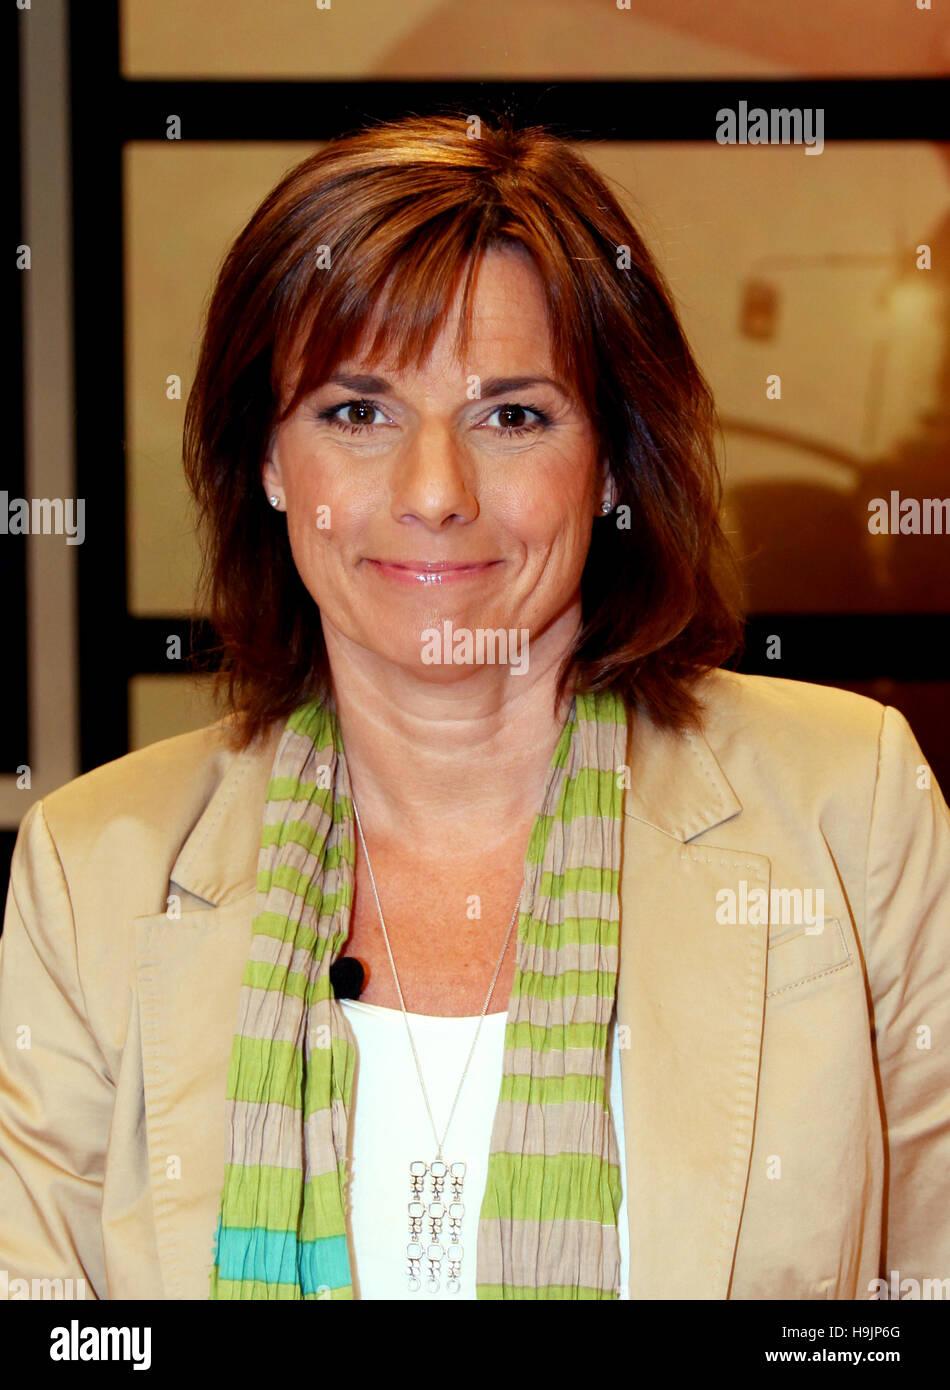 ISABELLA LÖVIN político Sueco y delantera persona por el Partido Verde en 2016 se convirtió en Ministra Imagen De Stock